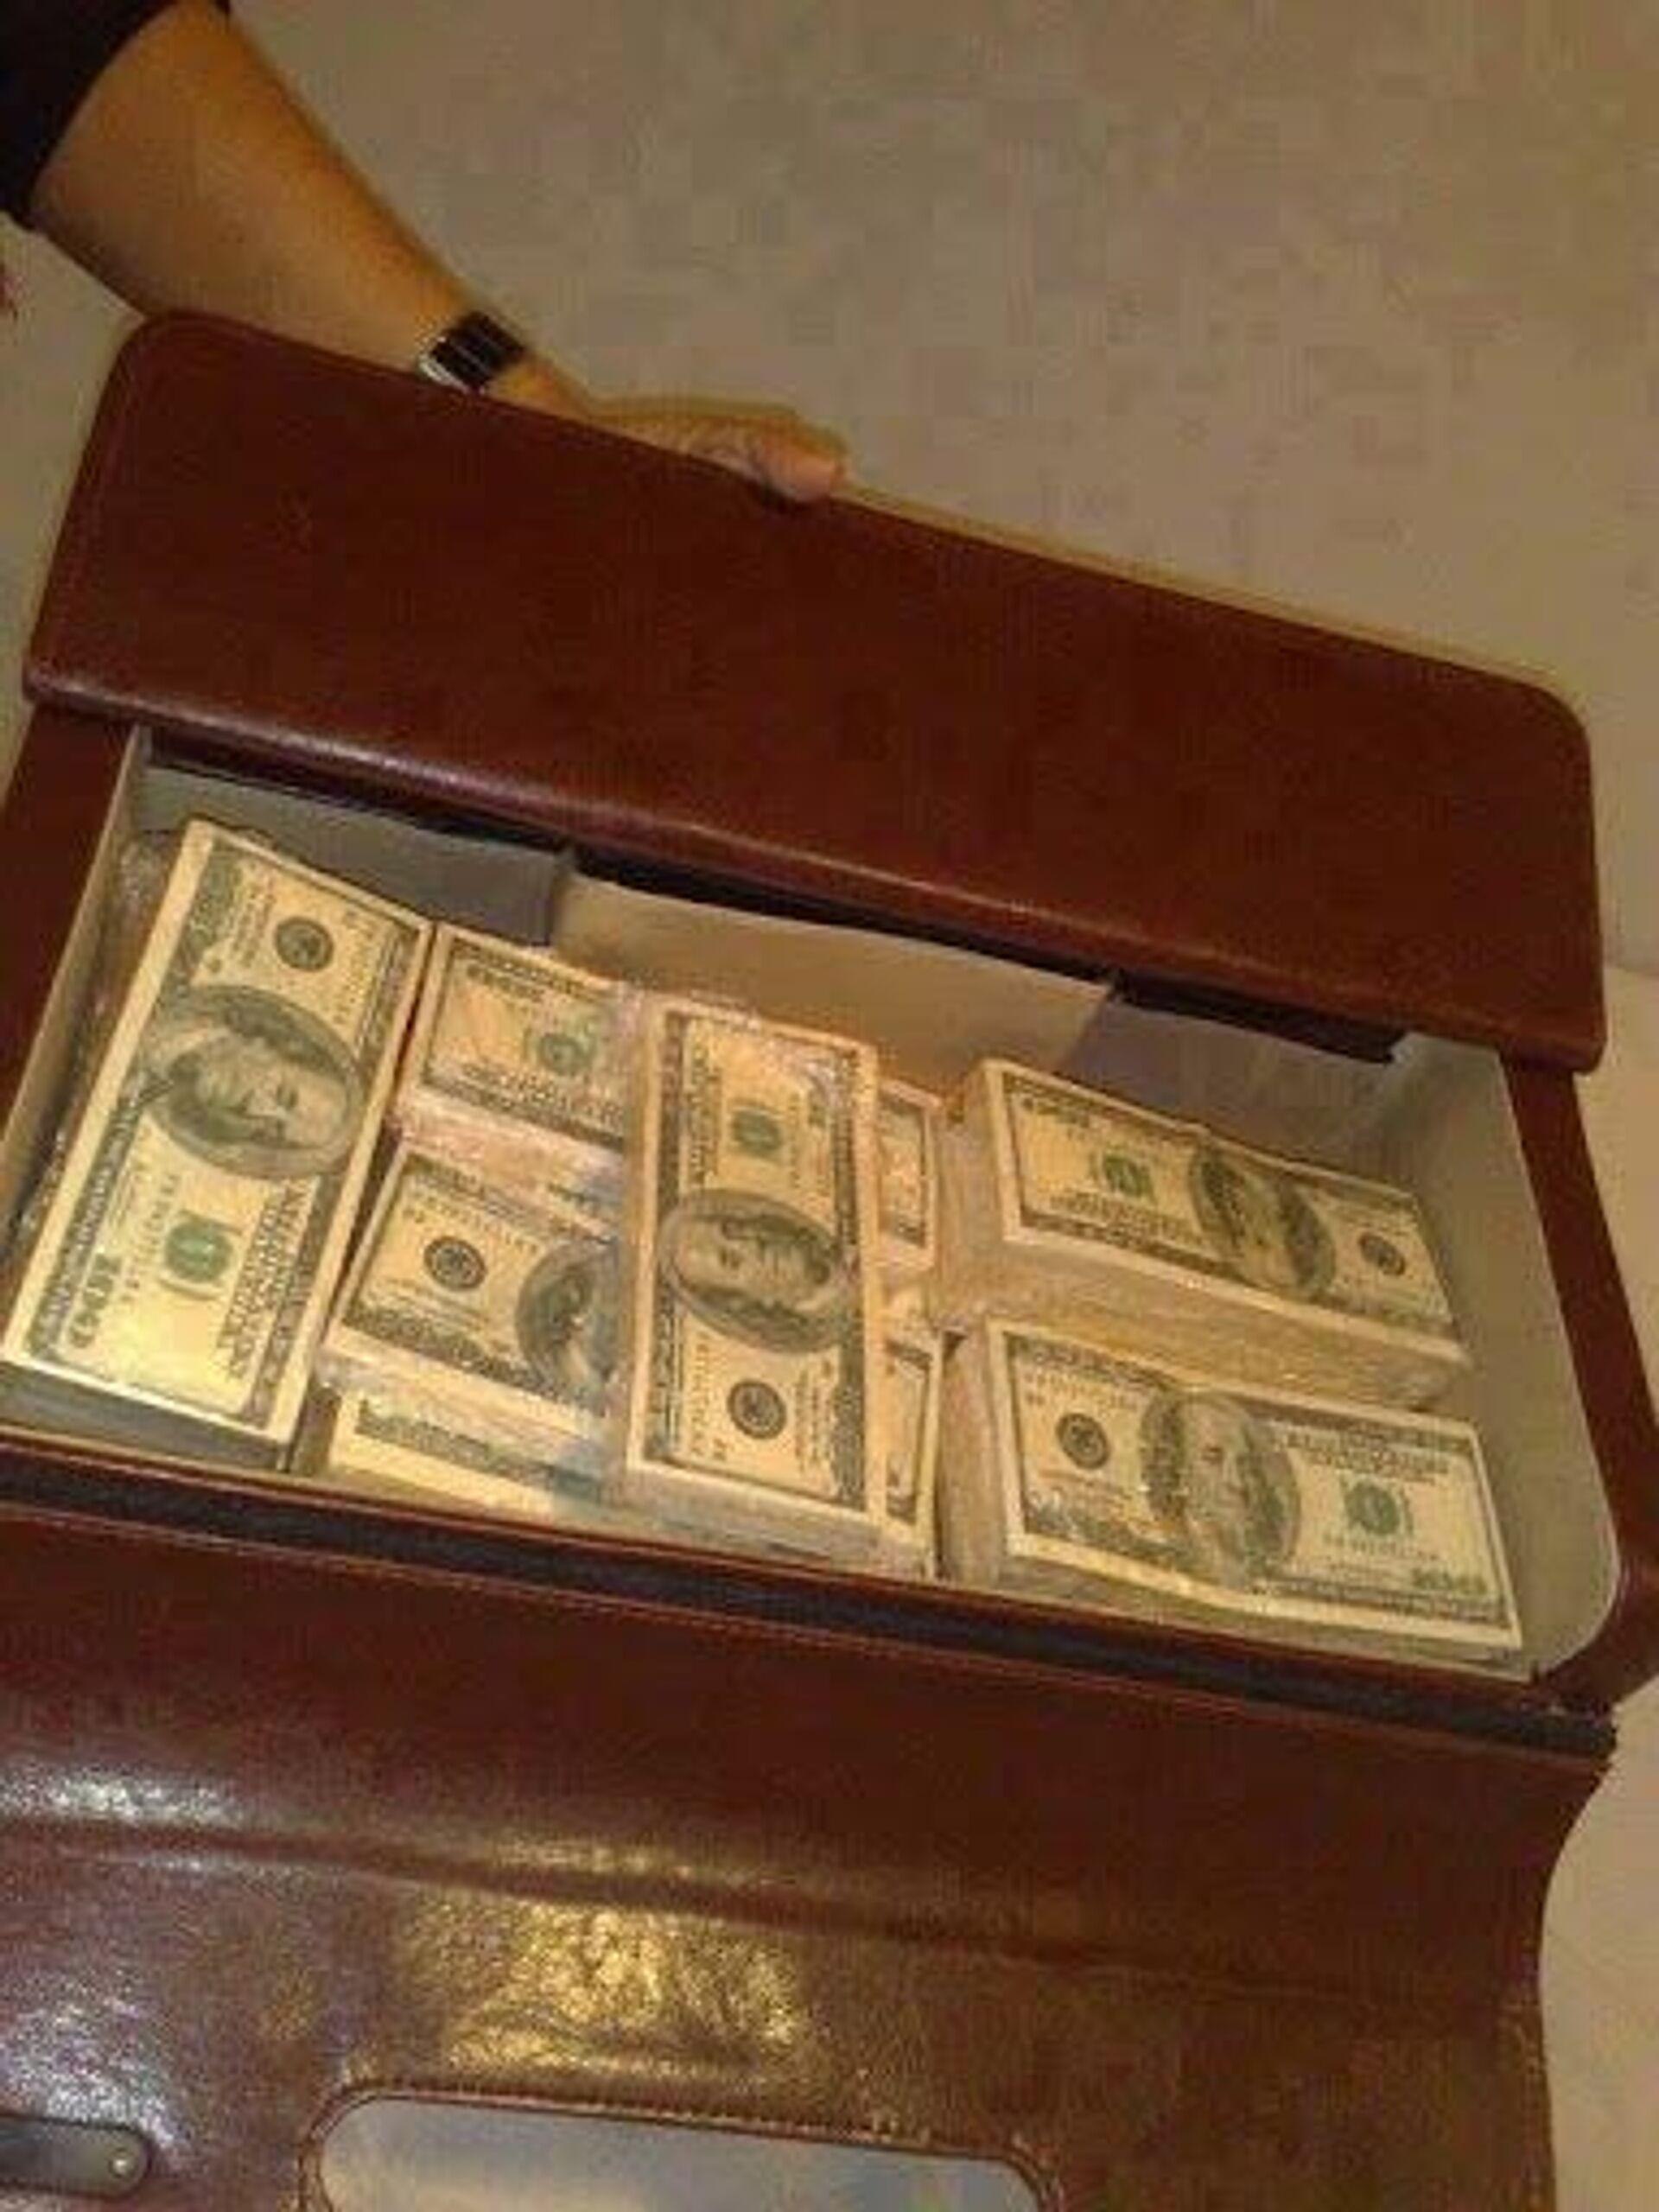 Dinero proveniente de una estafa online a través del conocido como ciberdelito del amor, que ha crecido mucho durante la pandemia - Sputnik Mundo, 1920, 12.05.2021